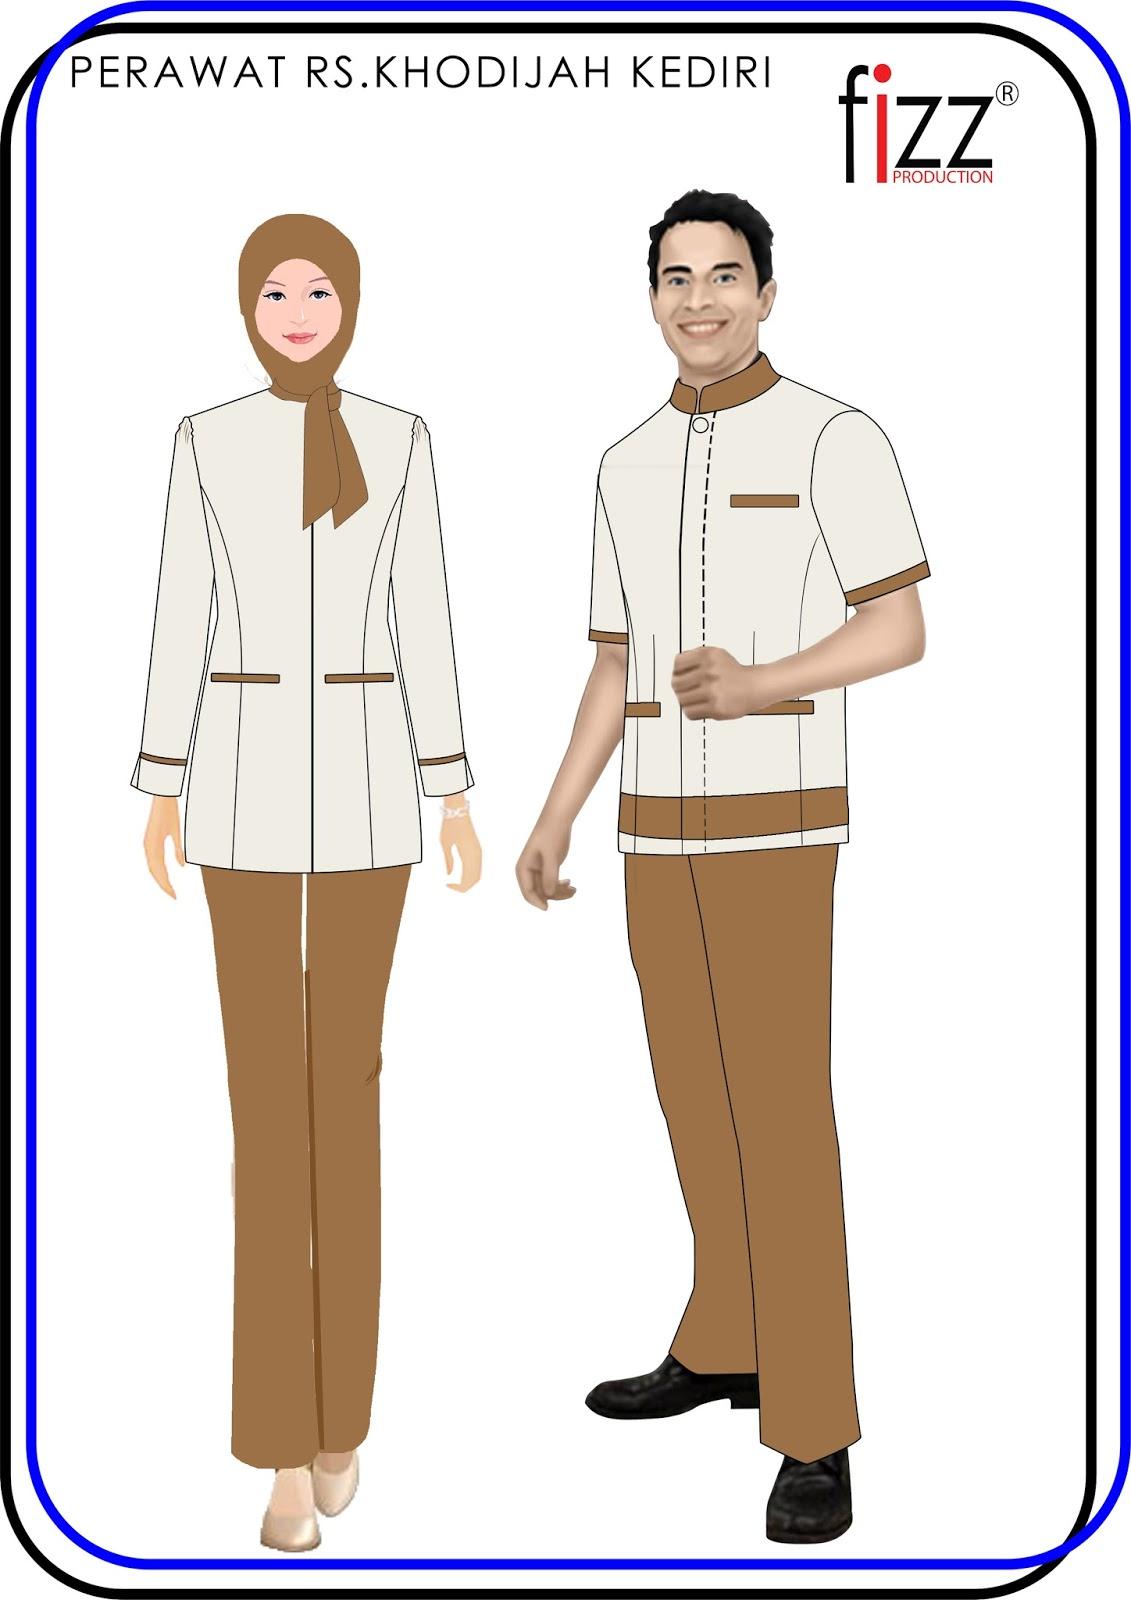 Jasa Pembuatan Seragam Untuk Perusahaan Kemeja Baju Kerja Kombinasi Batik Atasan Teranyar Produksi Contoh Formal Perempuan Kantor 2016 Murah